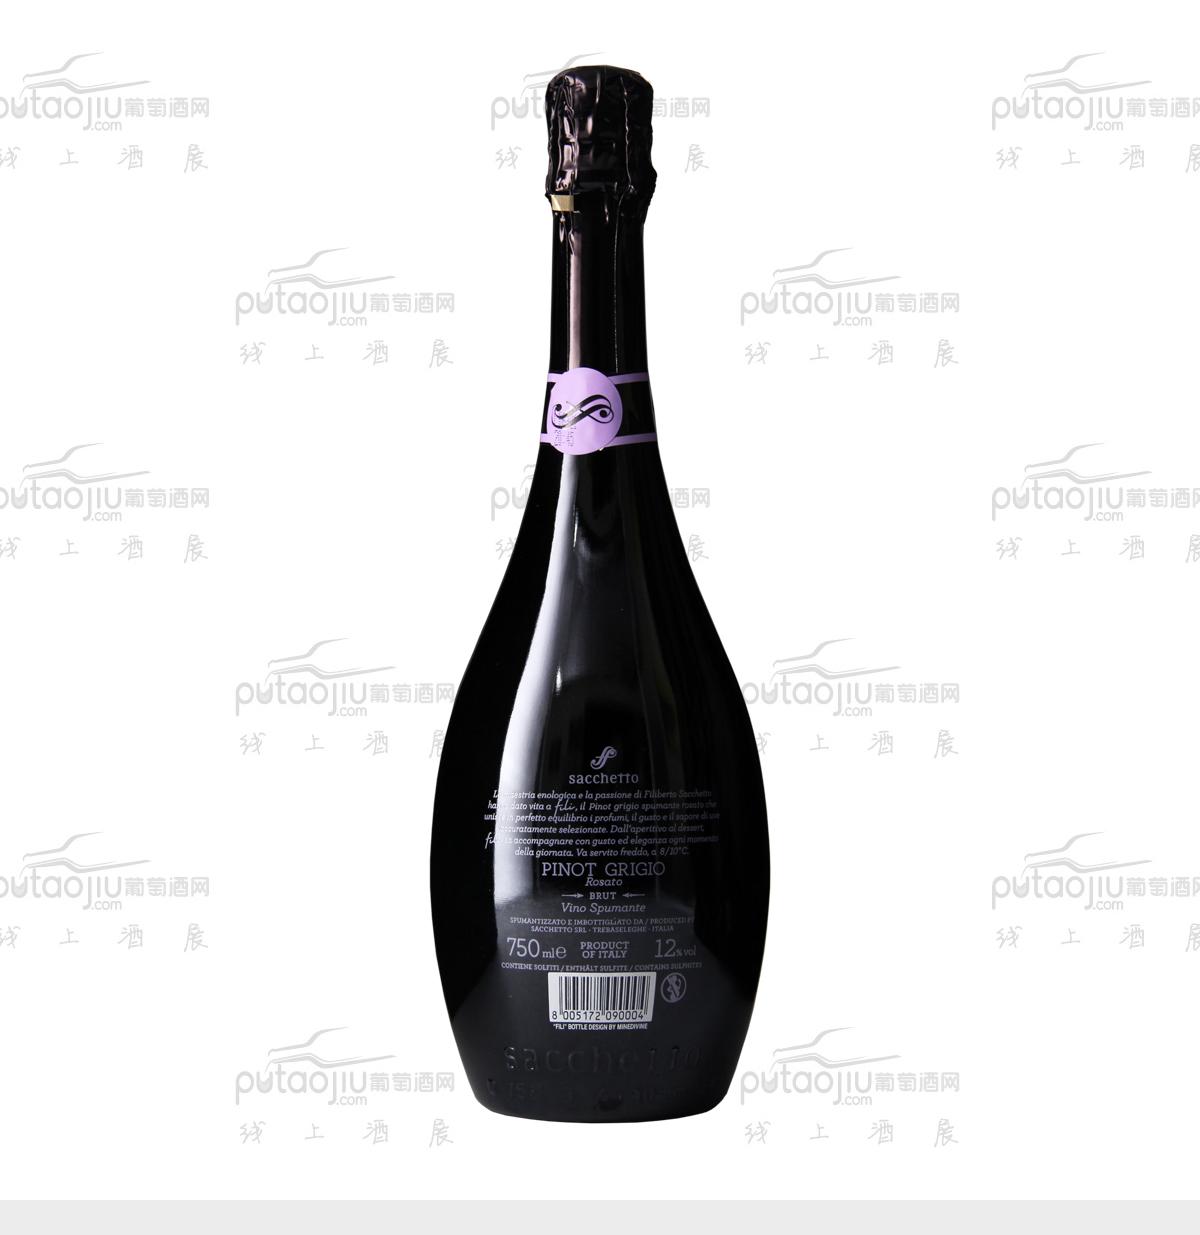 意大利妃莉桃红起泡葡萄酒